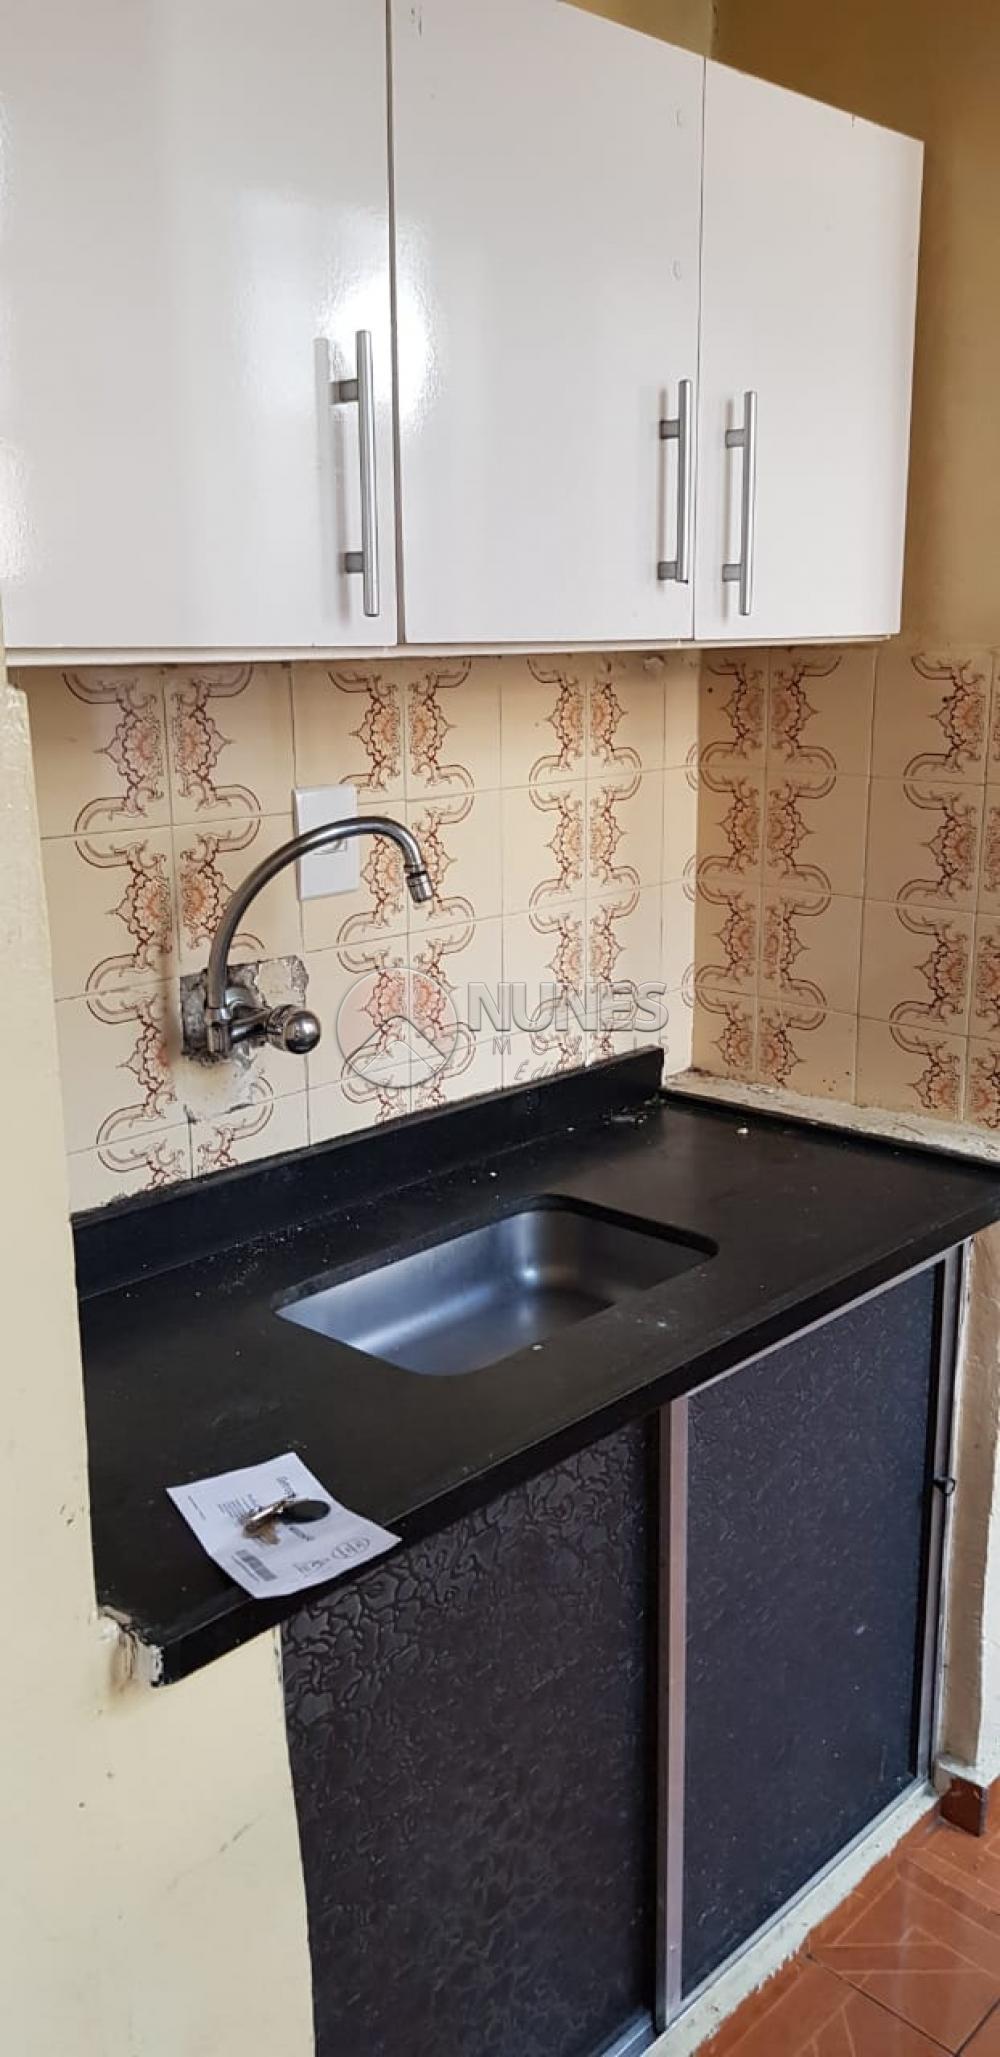 Comprar Apartamento / Padrão em Carapicuíba apenas R$ 130.000,00 - Foto 2